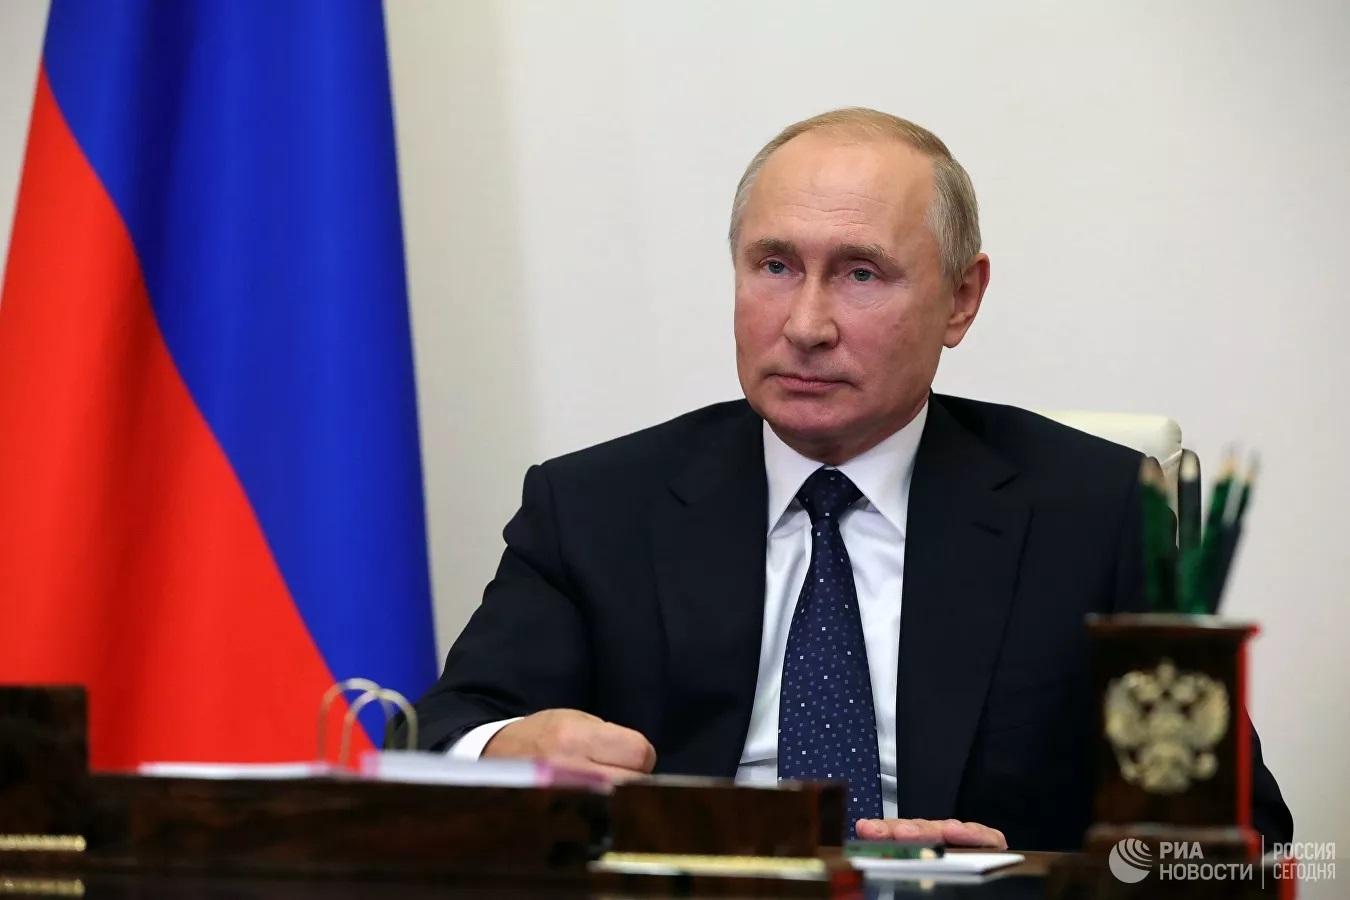 Tổng thống Nga Vladimir Putin,công nghiệp hạt nhân Nga,vũ khí hạt nhân Nga